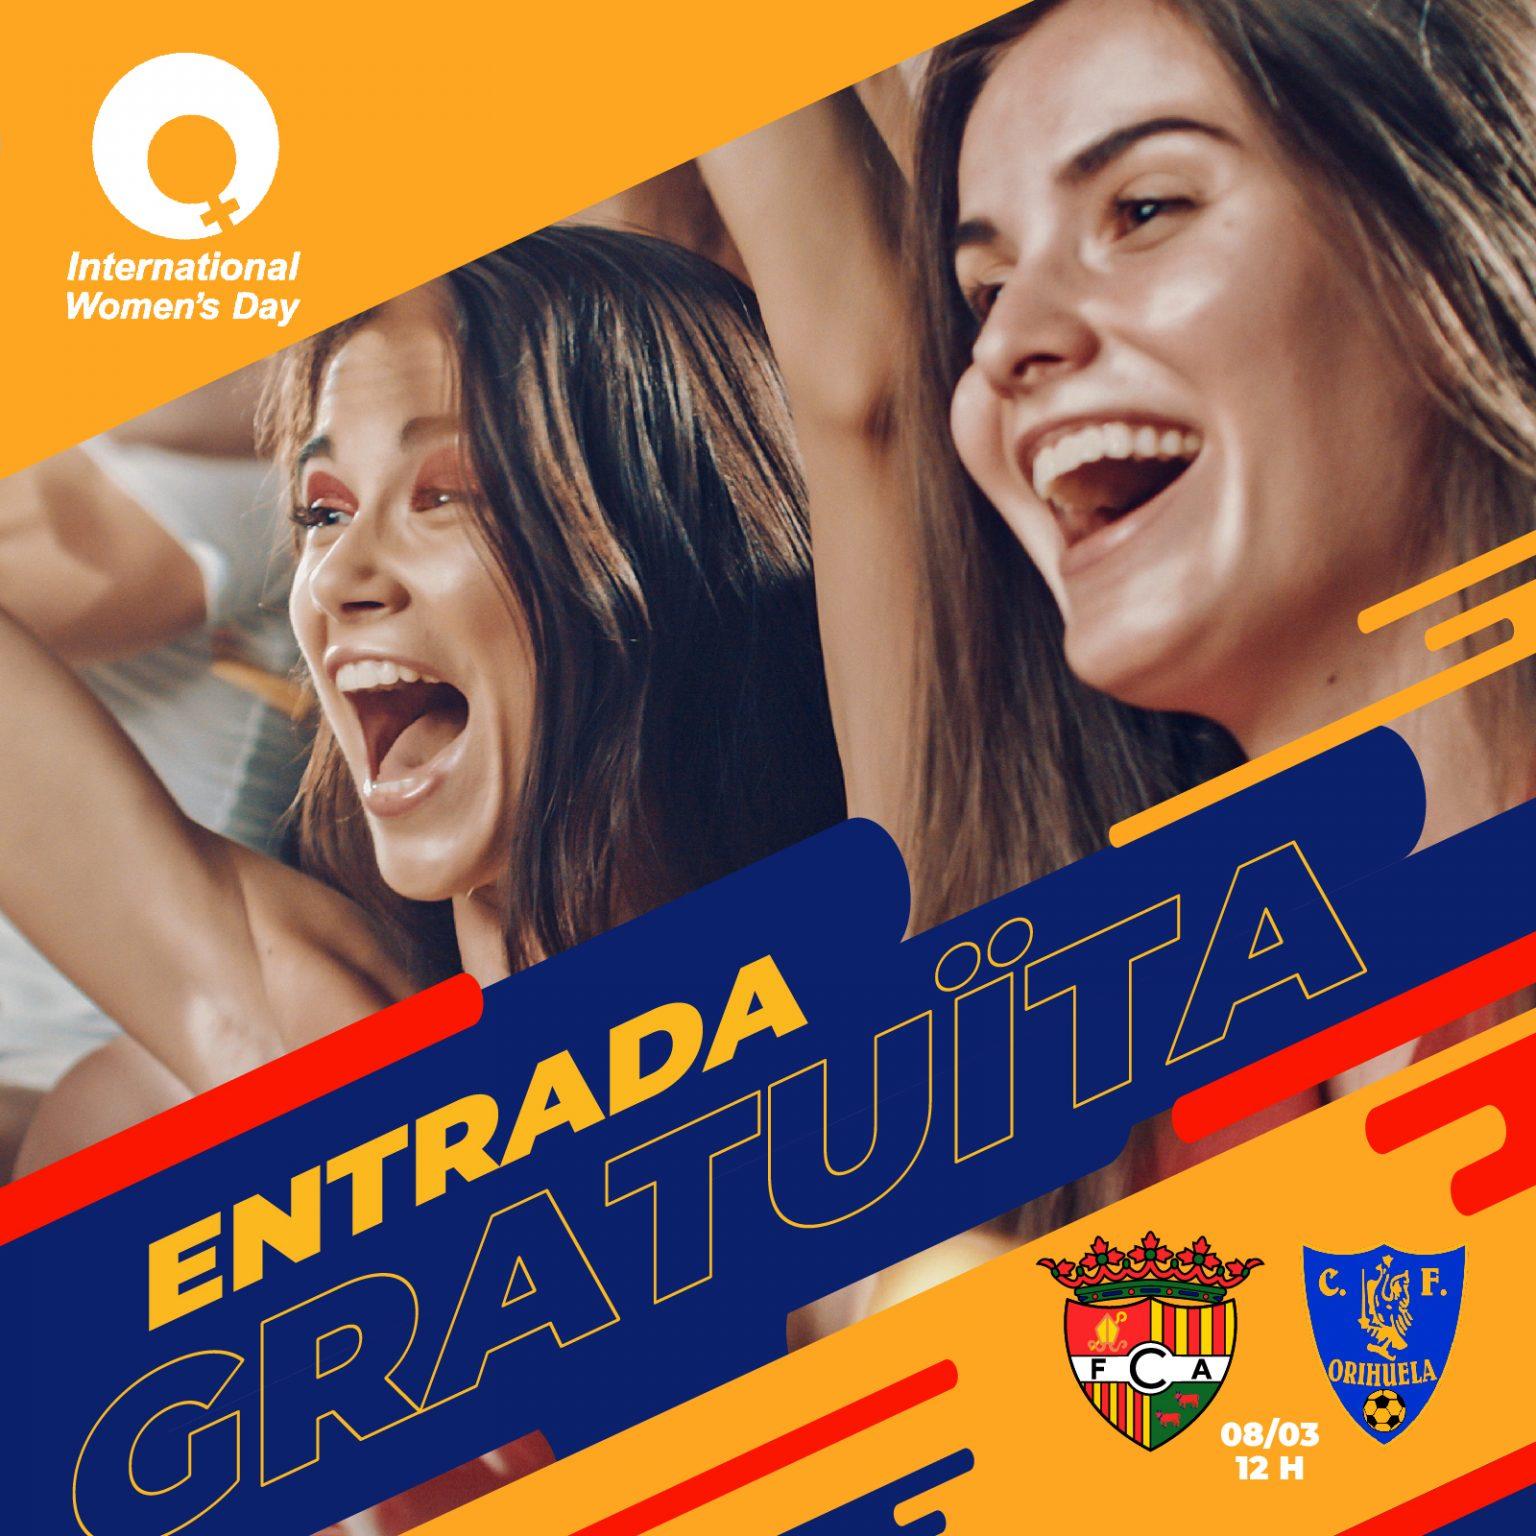 Entrada Gratuita Andorra-Orihuela para todas las mujeres